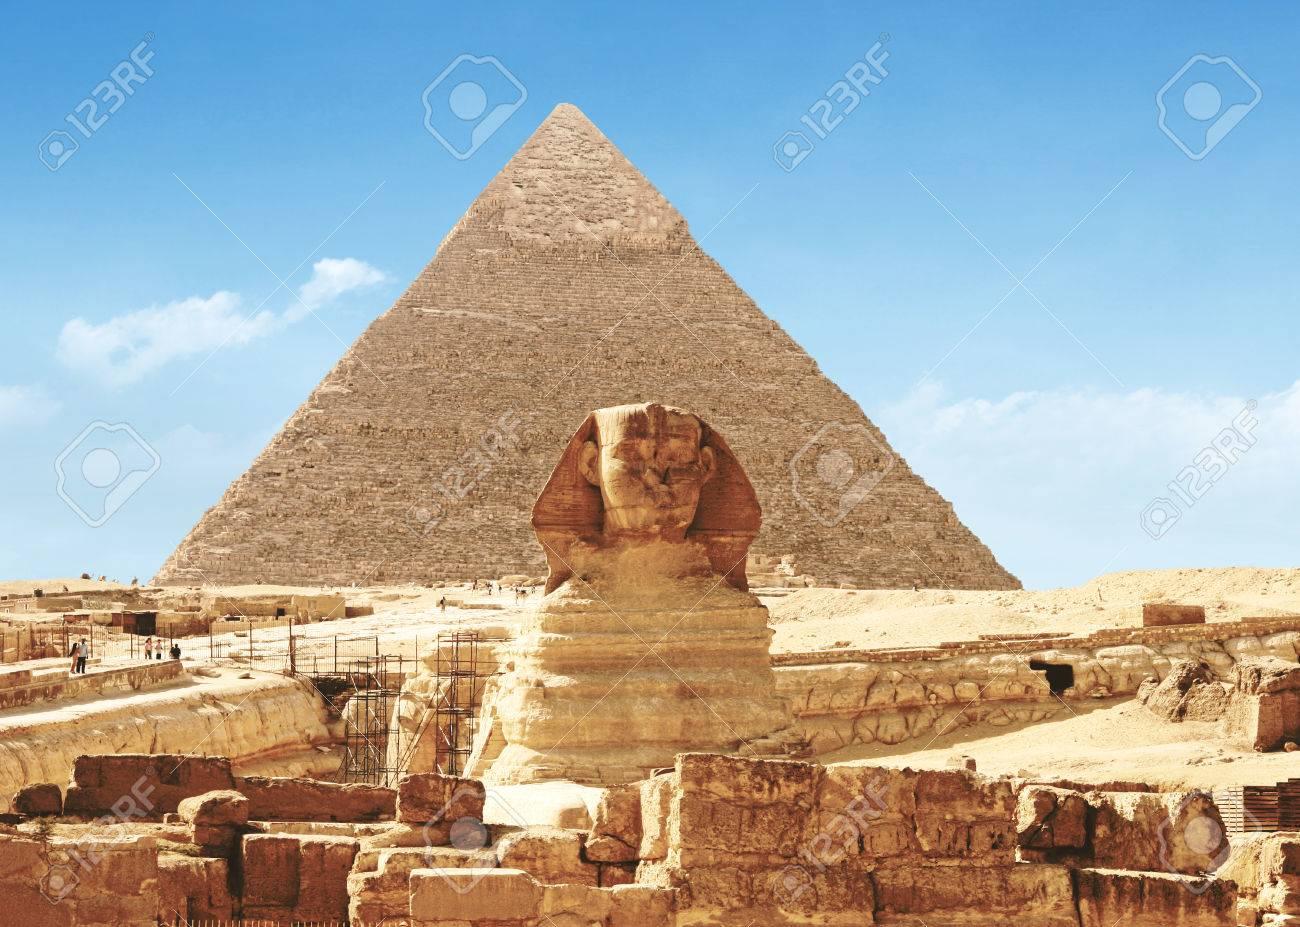 Die Grosse Sphinx Von Gizeh Agypten Lizenzfreie Fotos Bilder Und Stock Fotografie Image 34903731